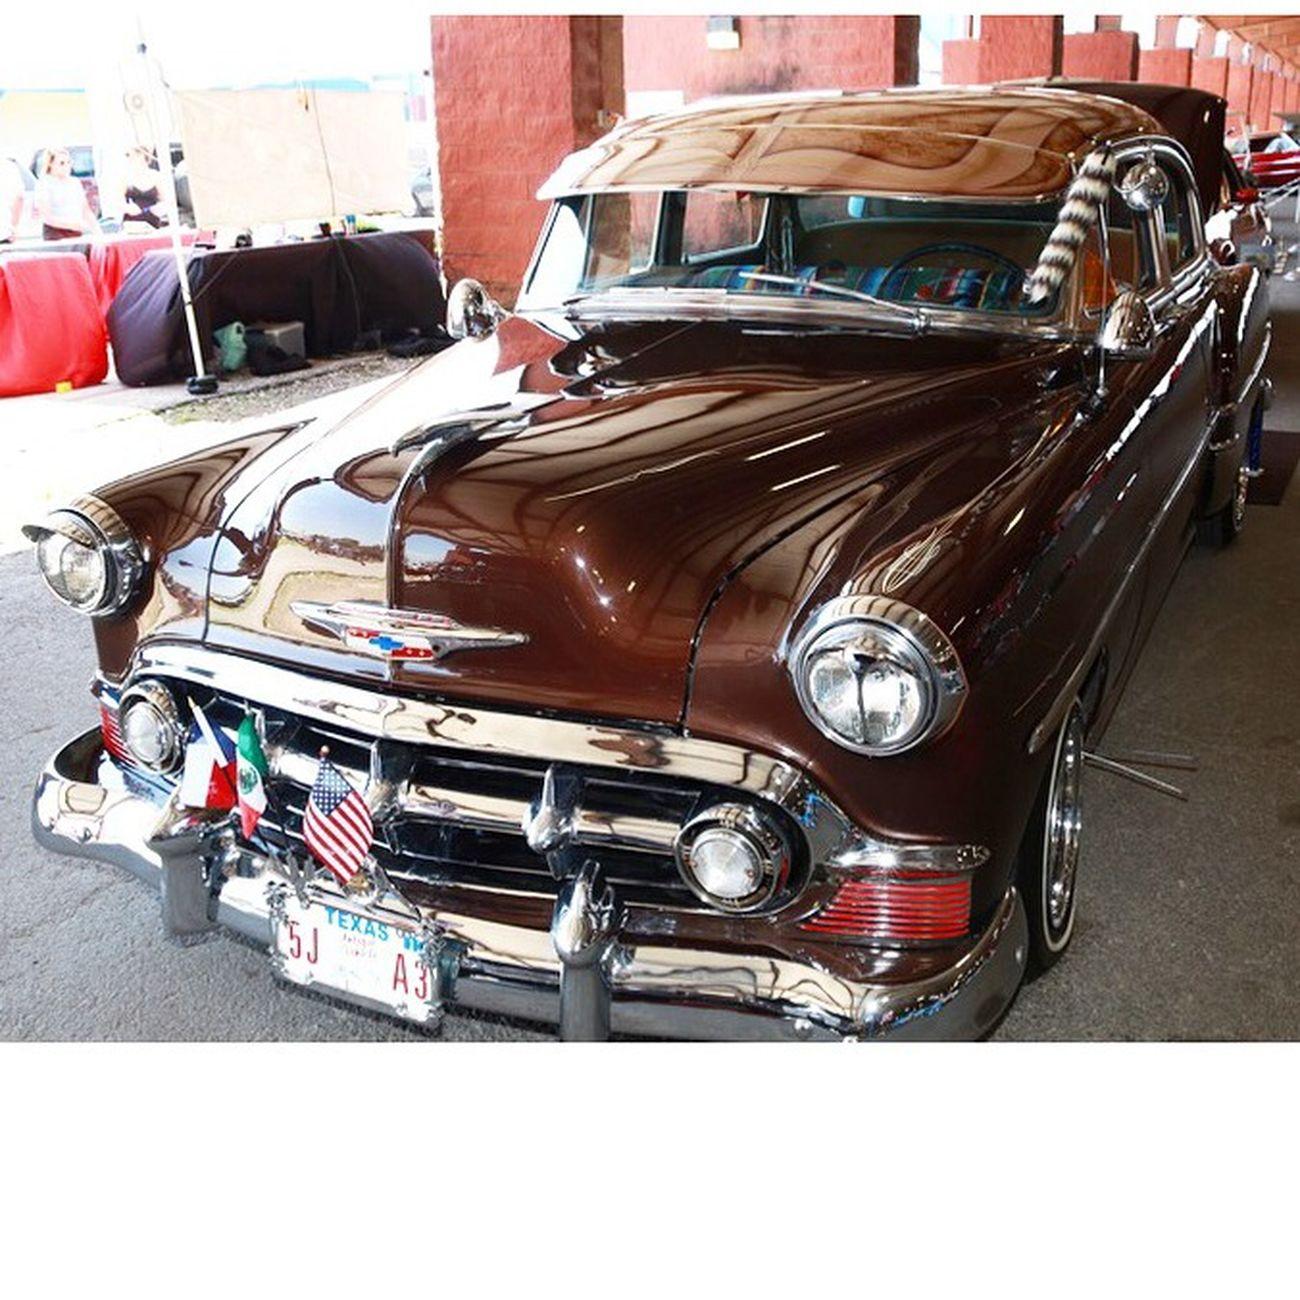 Austin Texas Texasheatwave2014 CarShow Cars